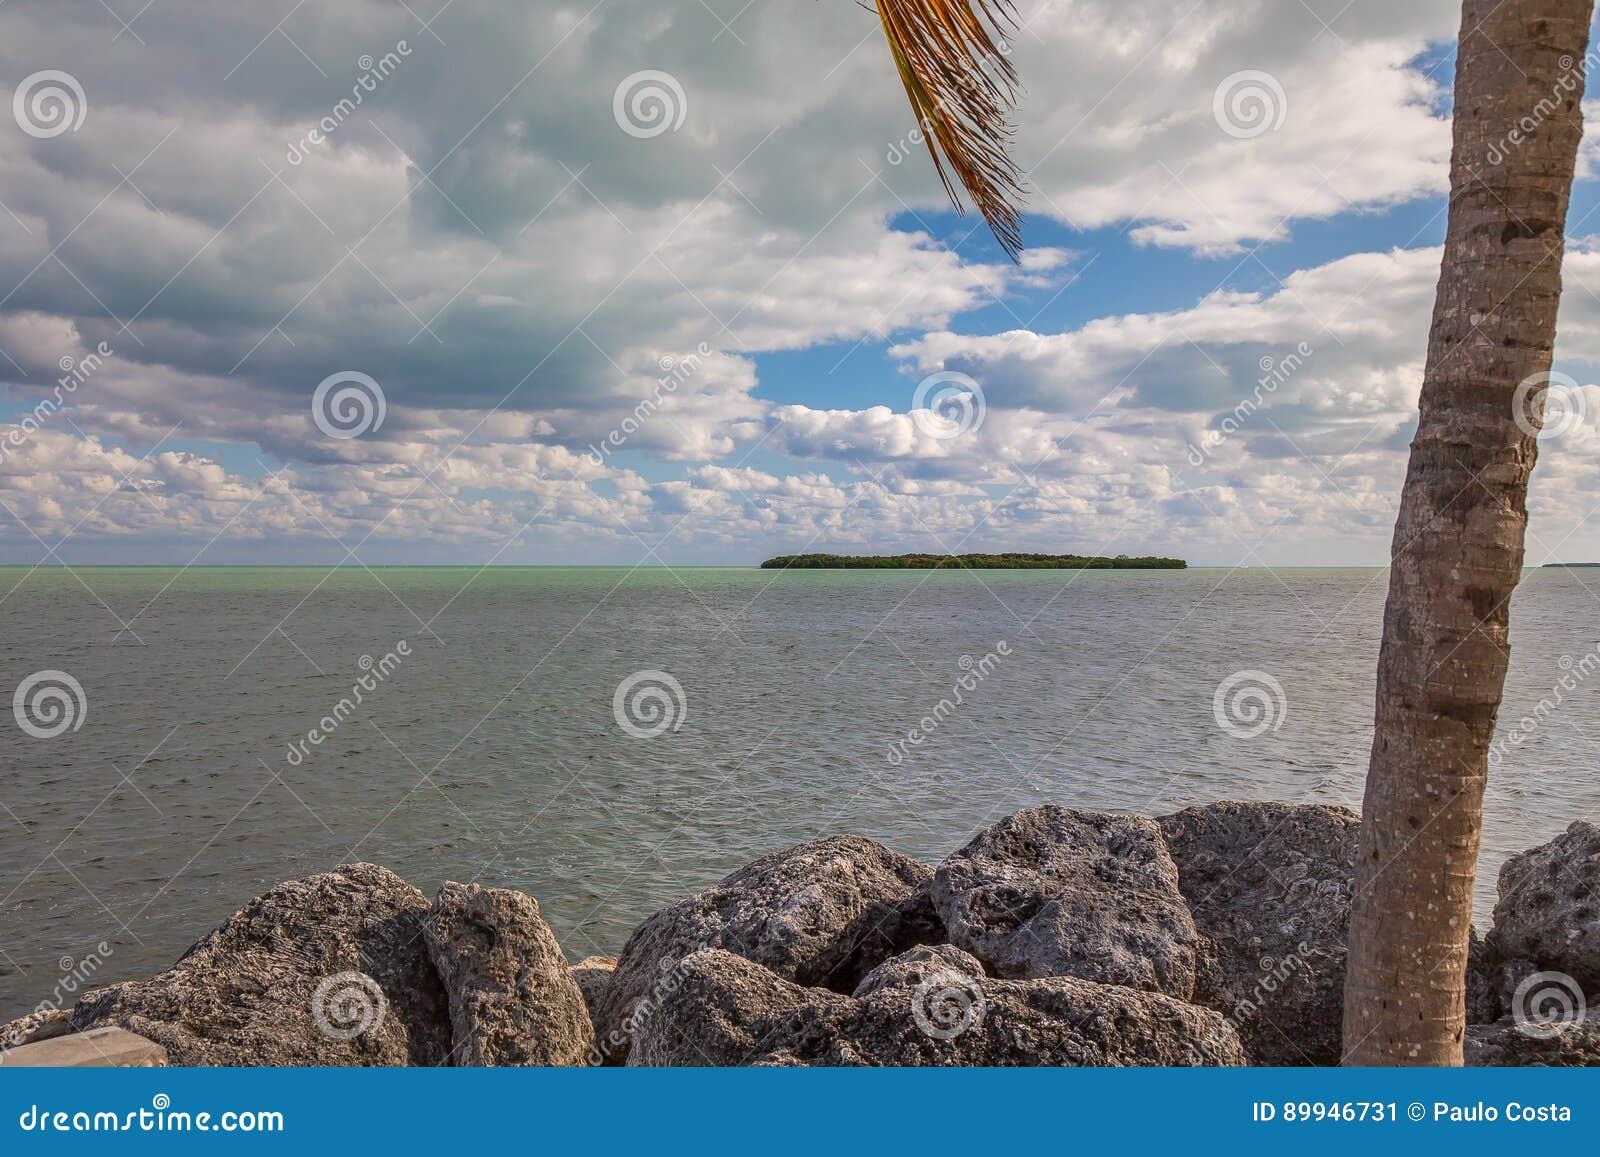 Widok Na Ocean Z drzewkami palmowymi, skały i Piękne chmury